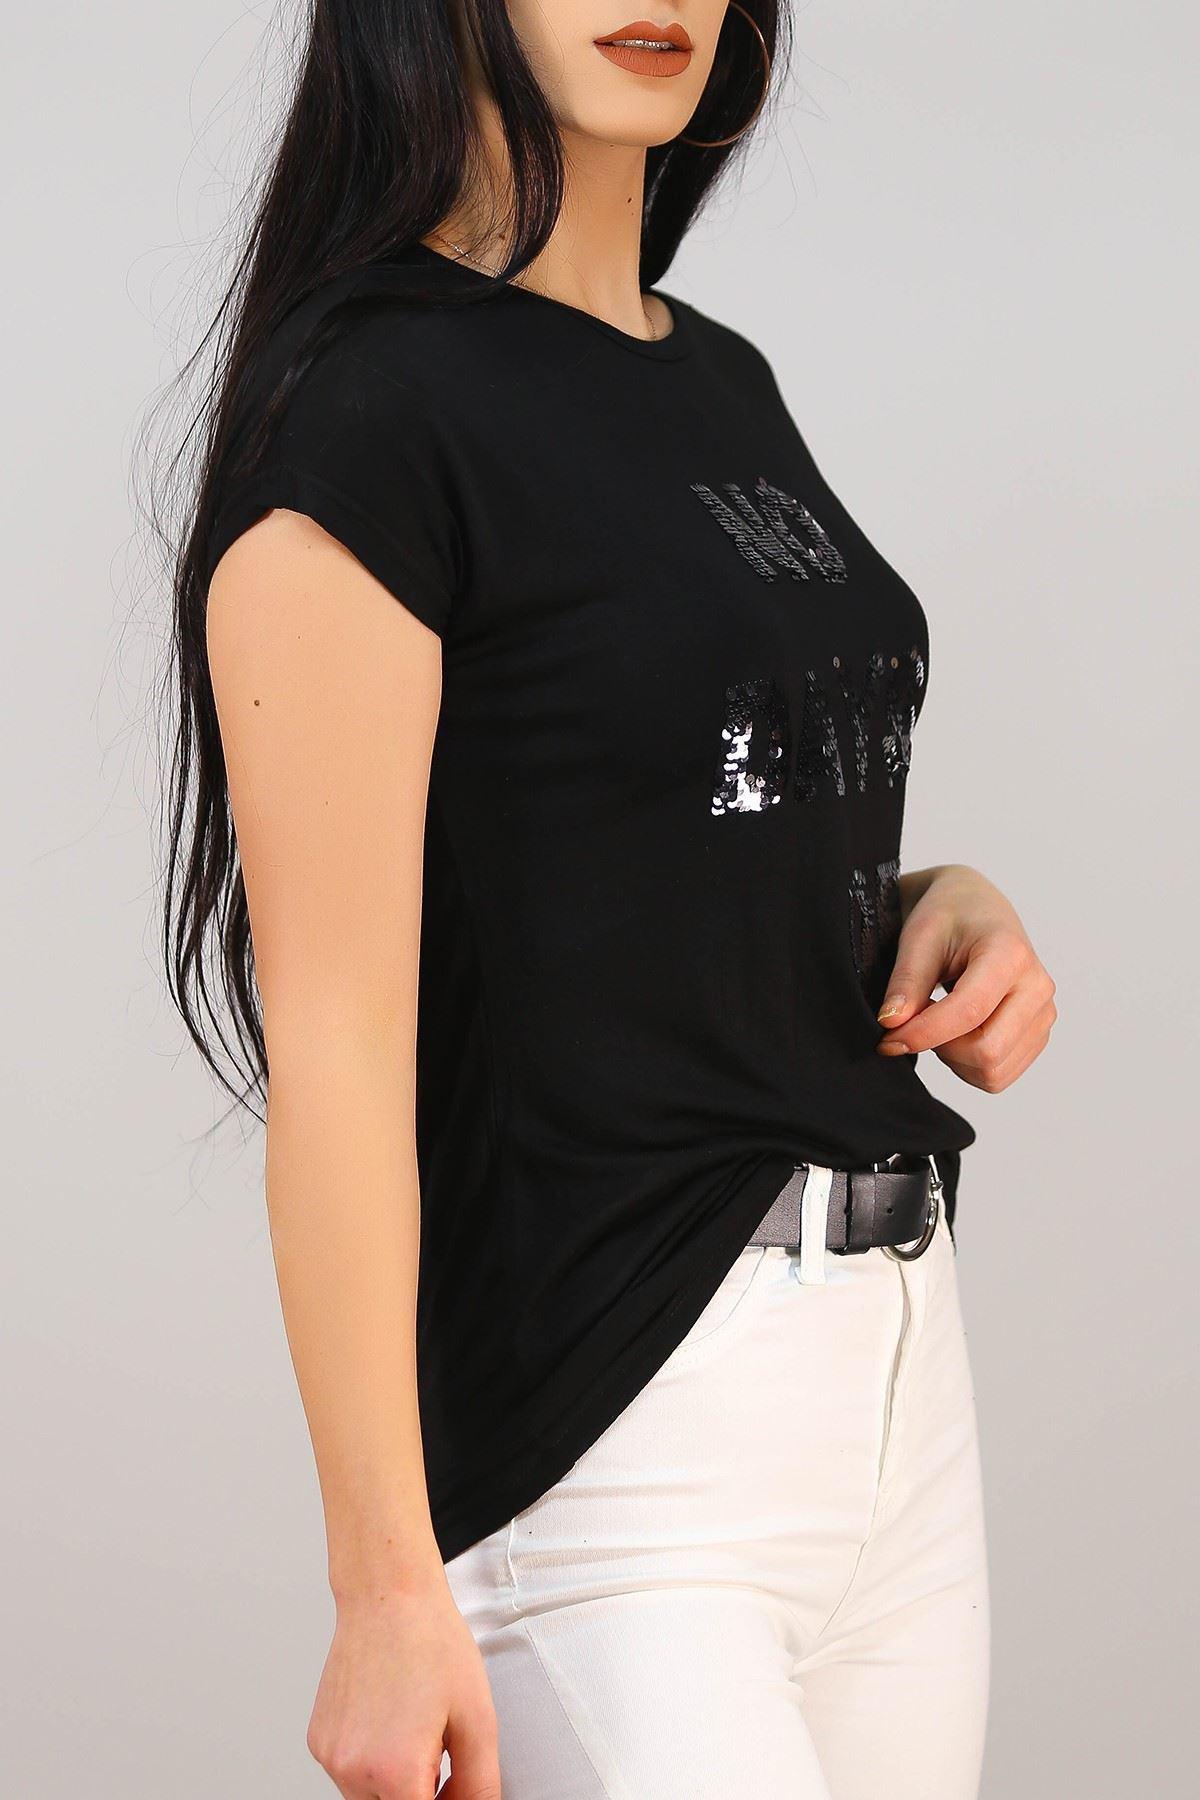 No Days Baskı Tişört Siyah - 5041.139.